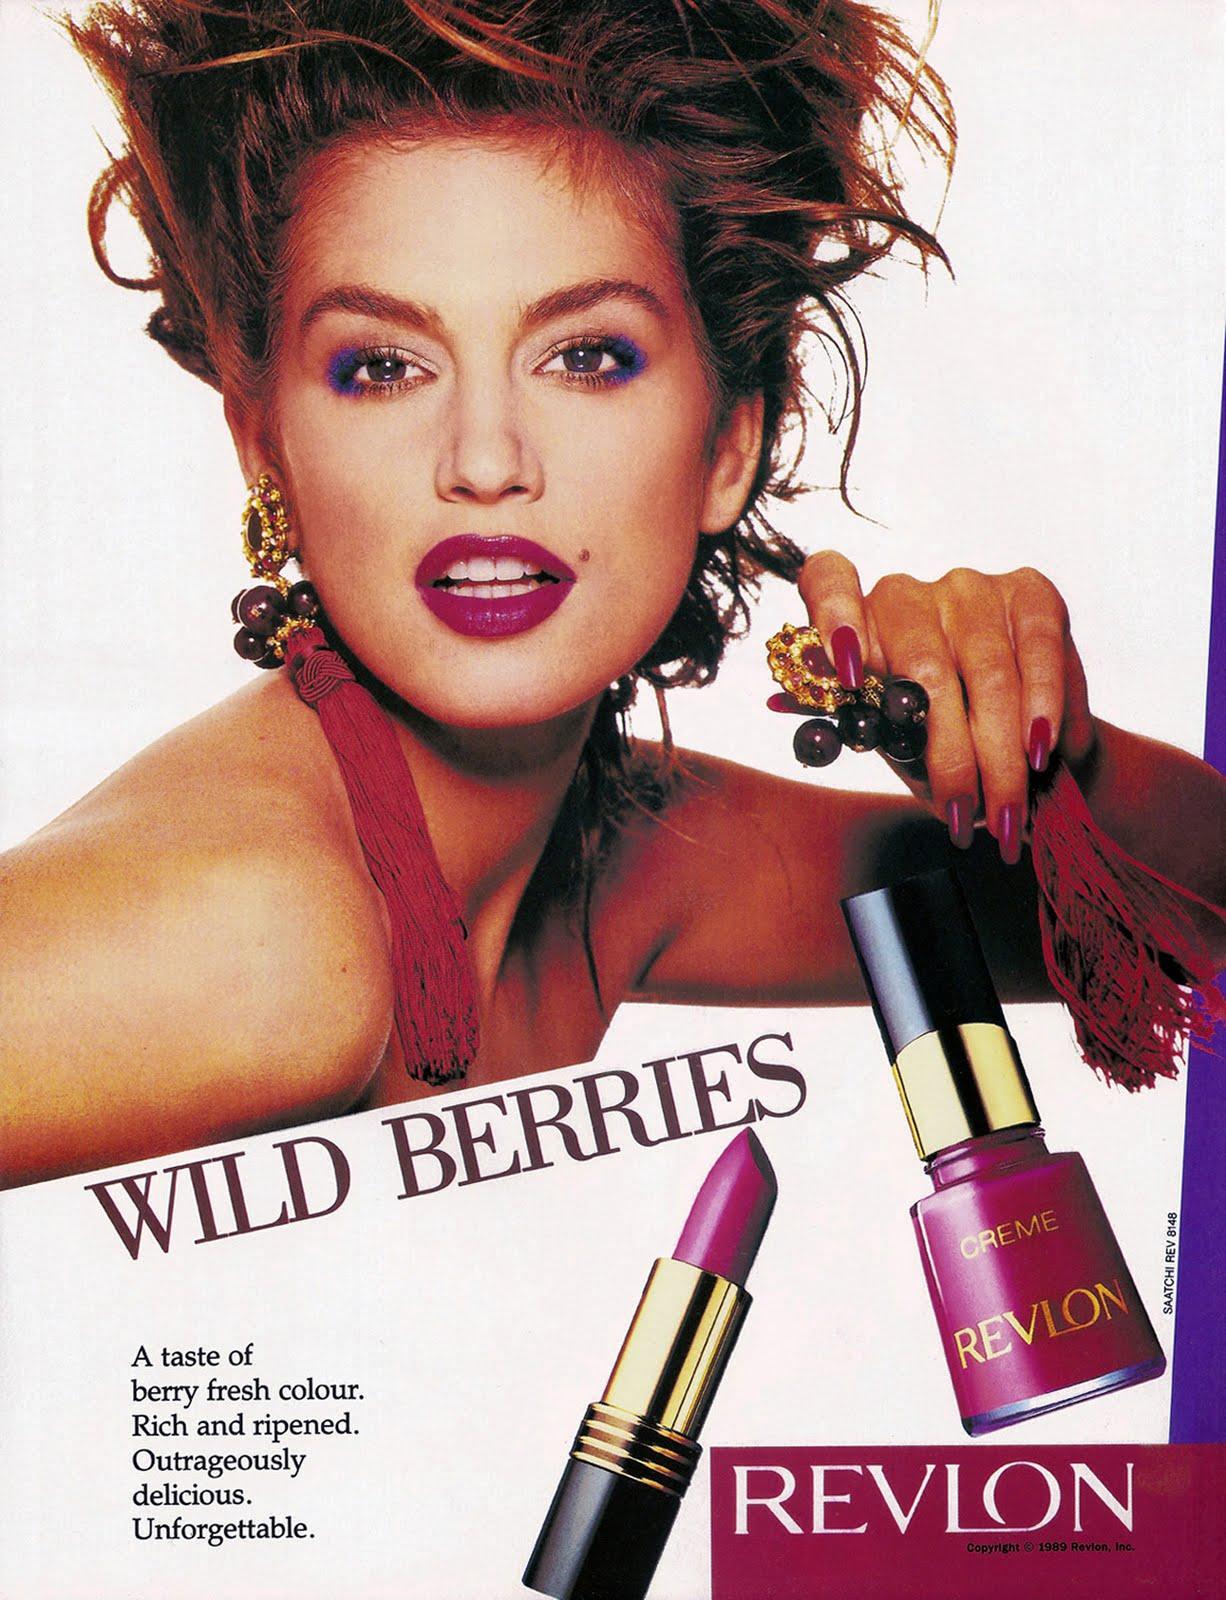 http://2.bp.blogspot.com/-LaJbQFi5HgQ/TZ_zCpXRttI/AAAAAAAACwI/Xm-dRqQmsbg/s1600/1800-CINDY-REVLON-1990.jpg